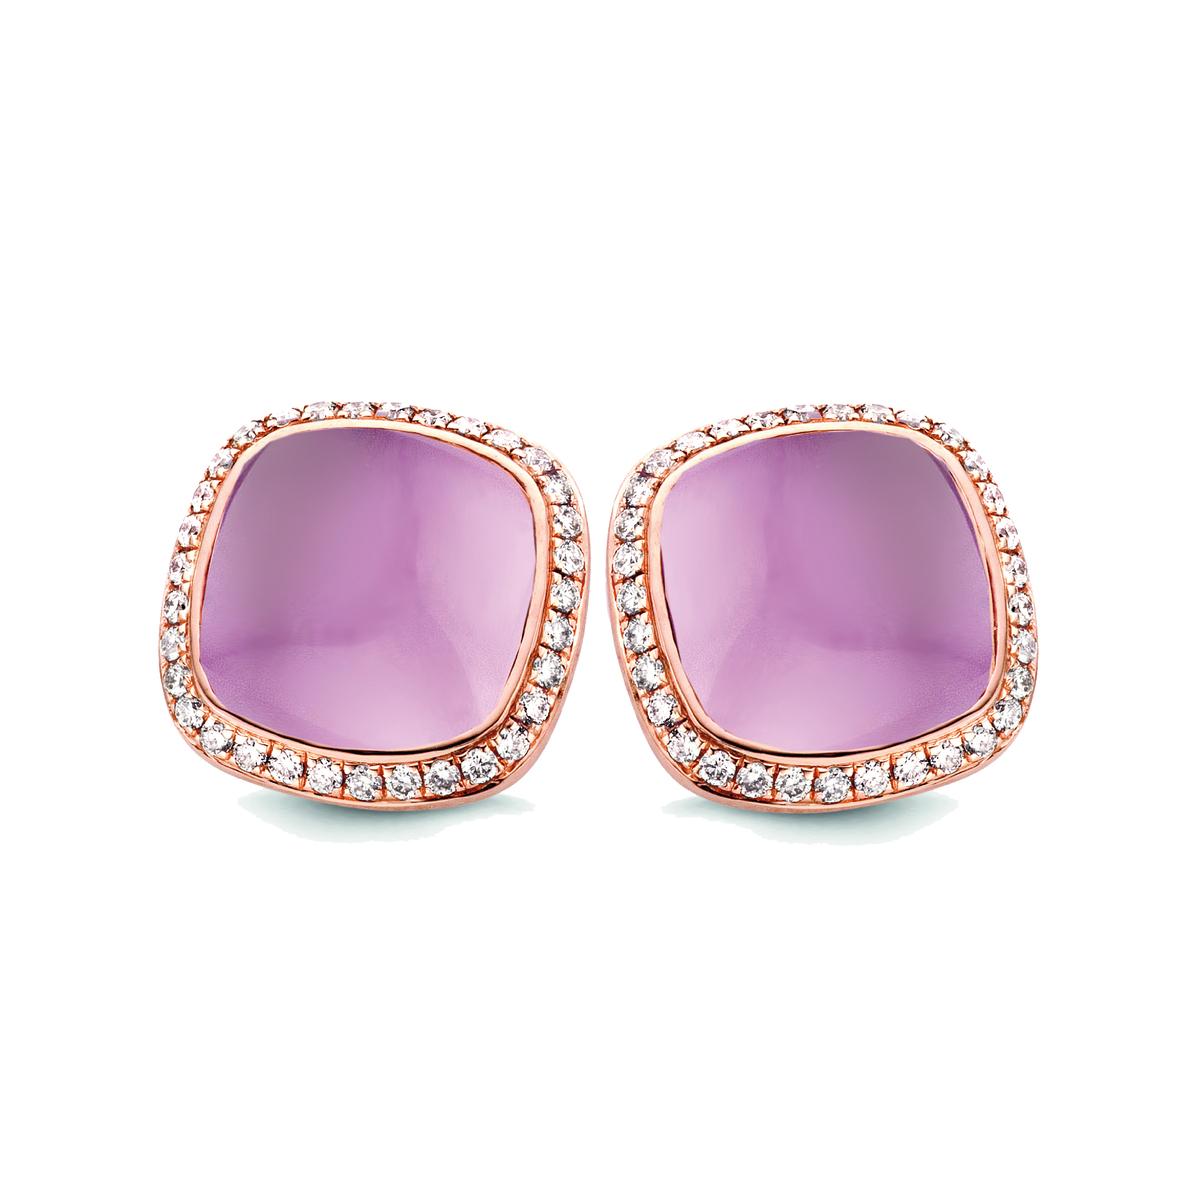 amiata boucles d'oreilles en rose or